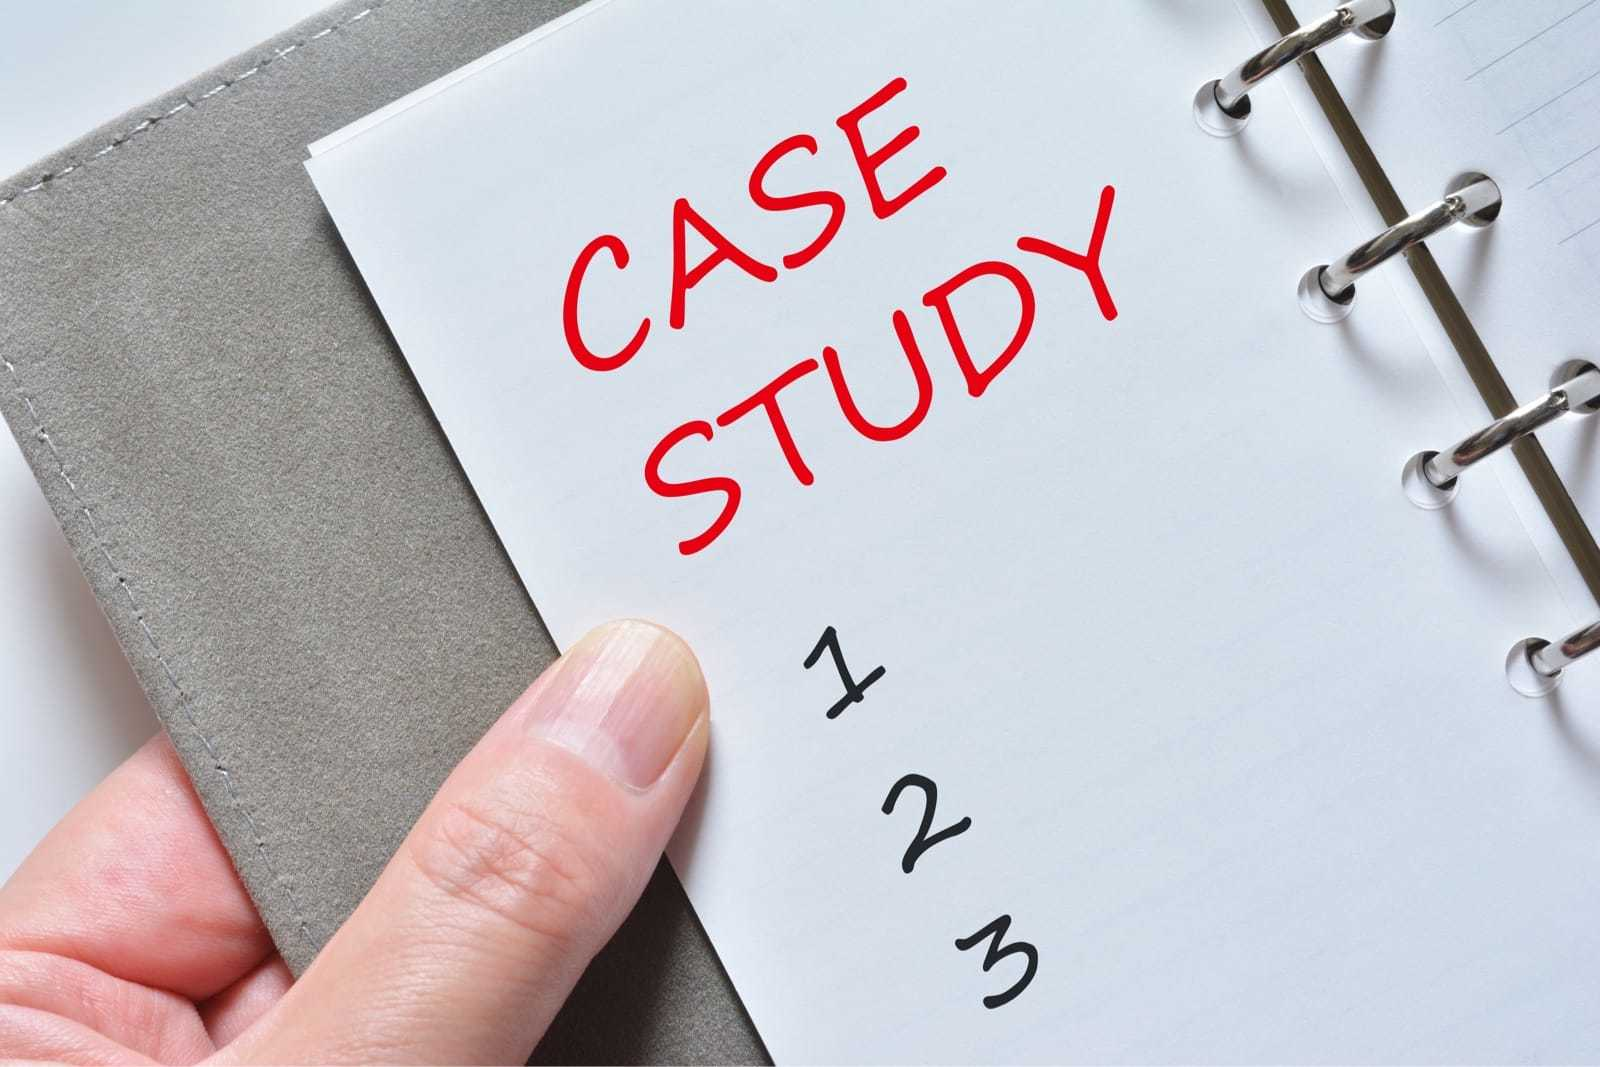 「CASE STUDY」と書かれた手帳